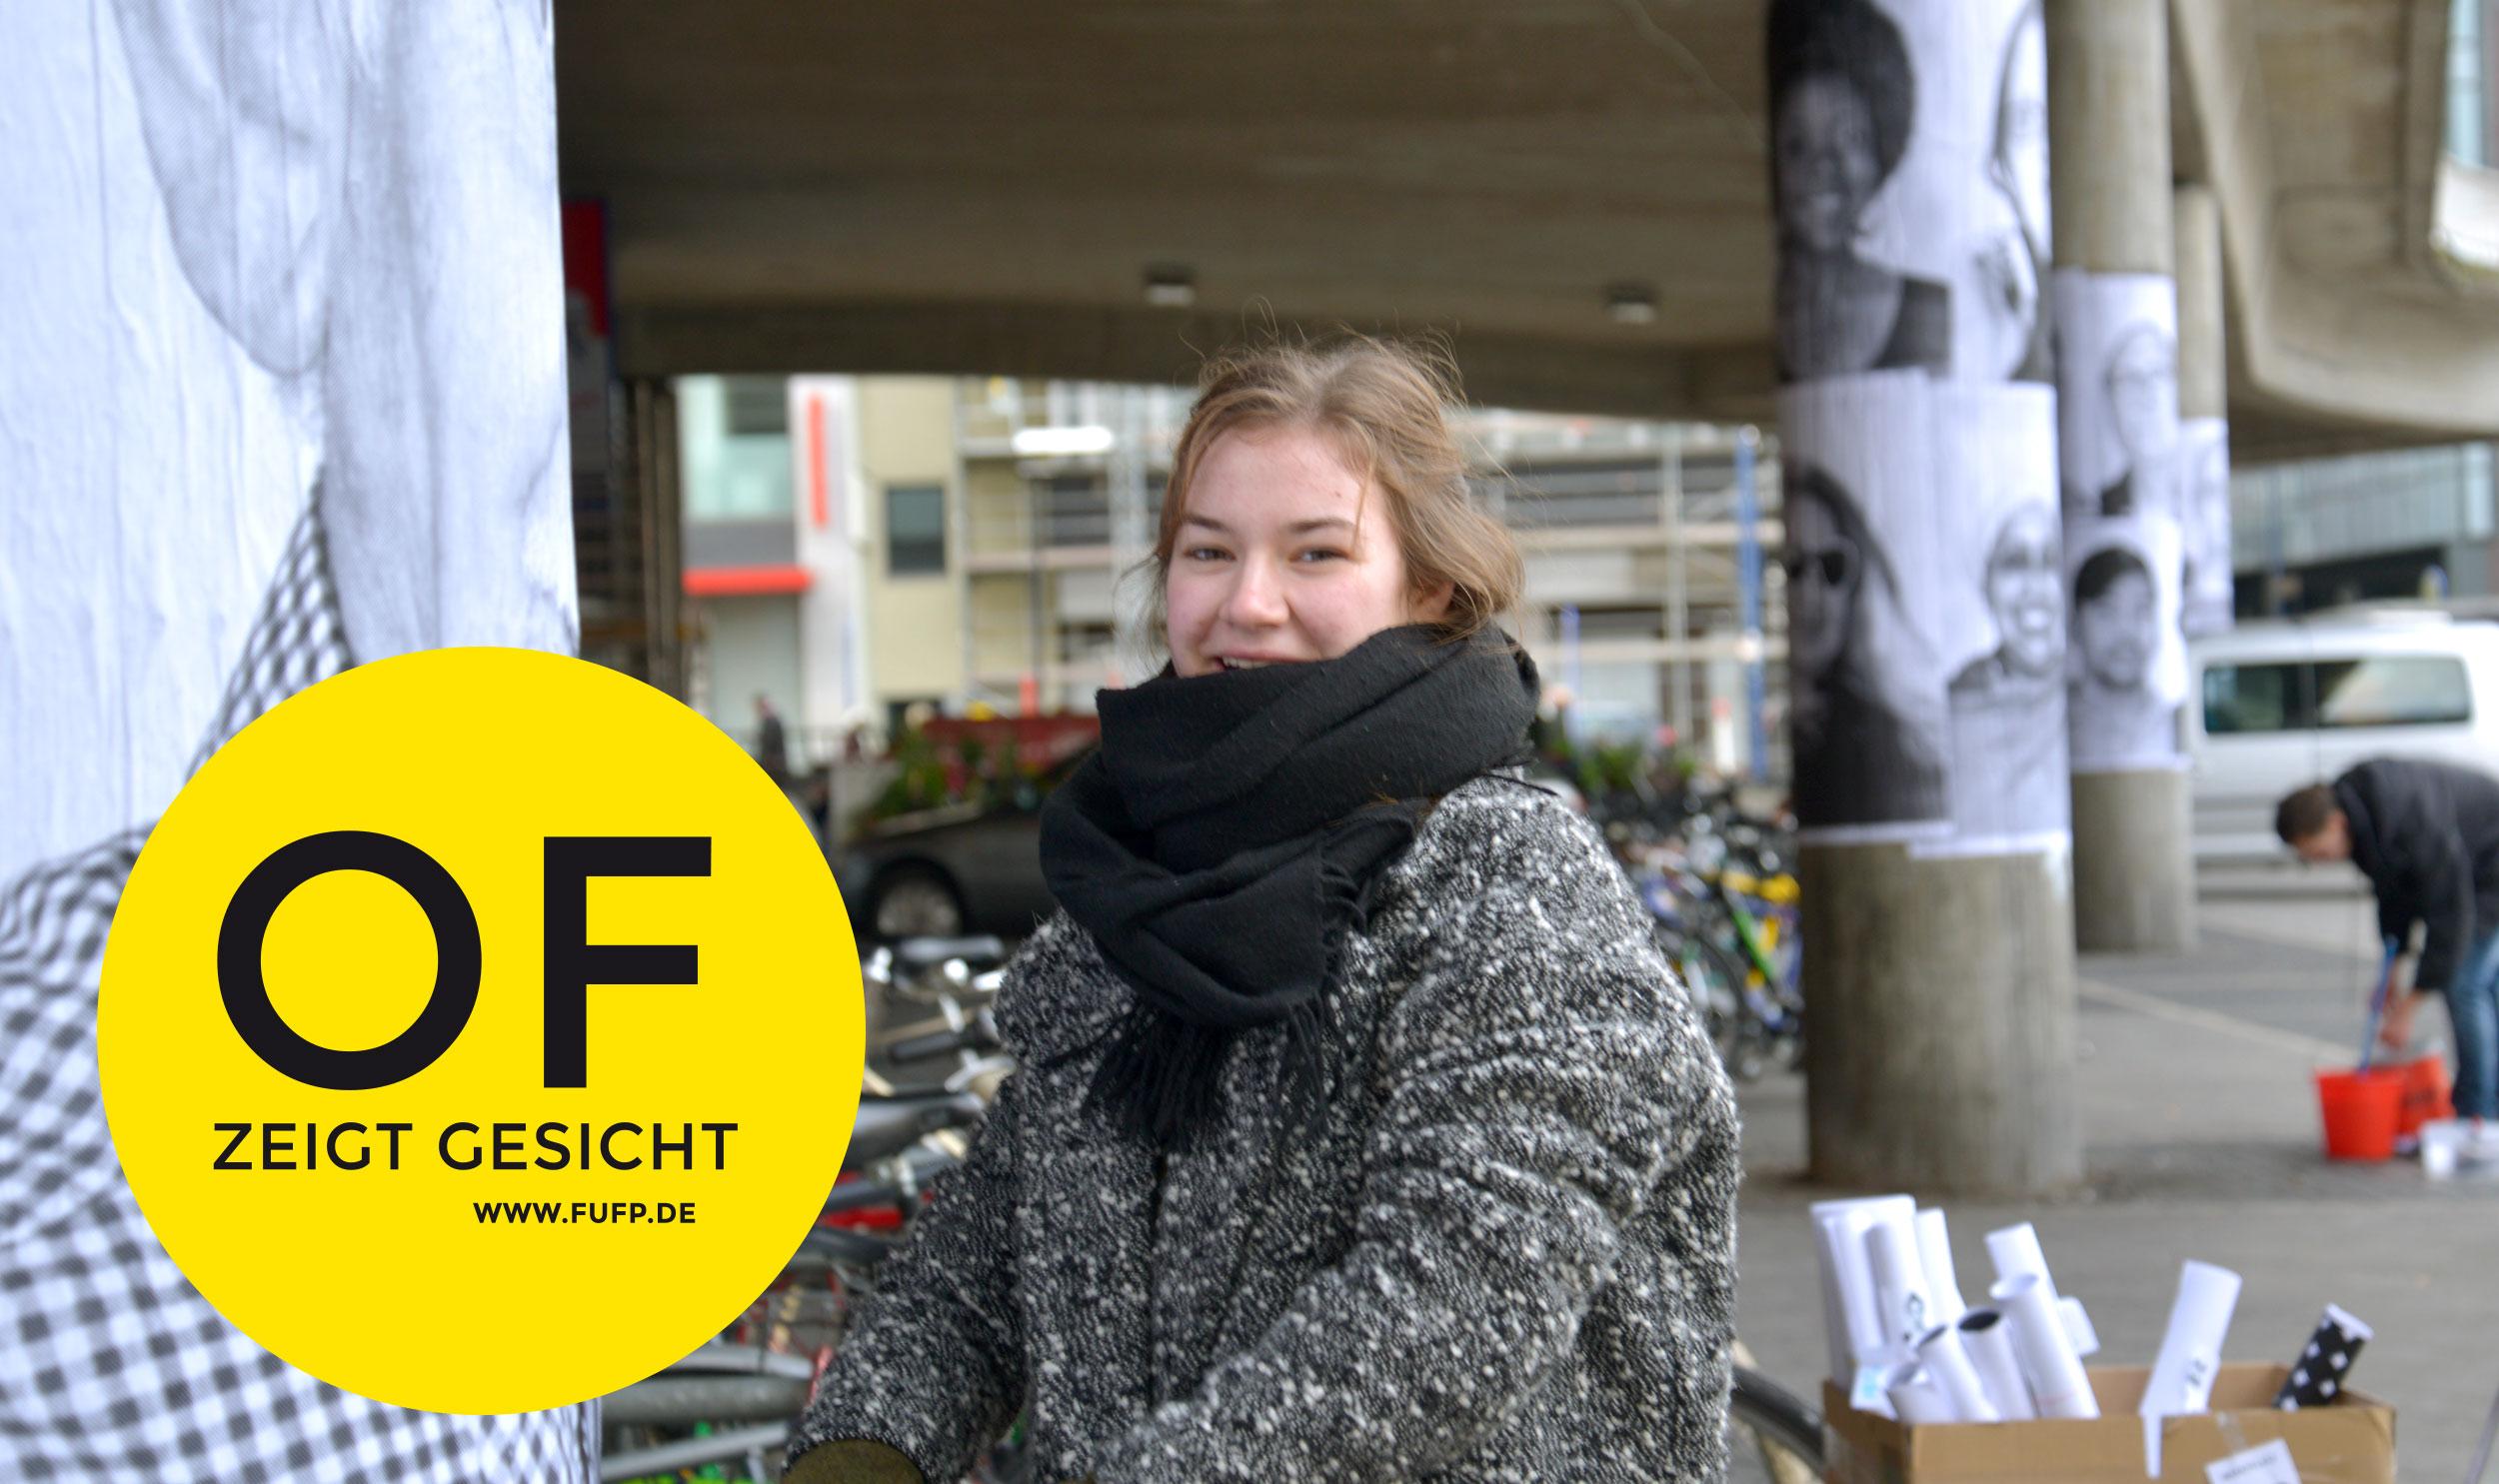 OFF_Zeigt_Gesicht_08